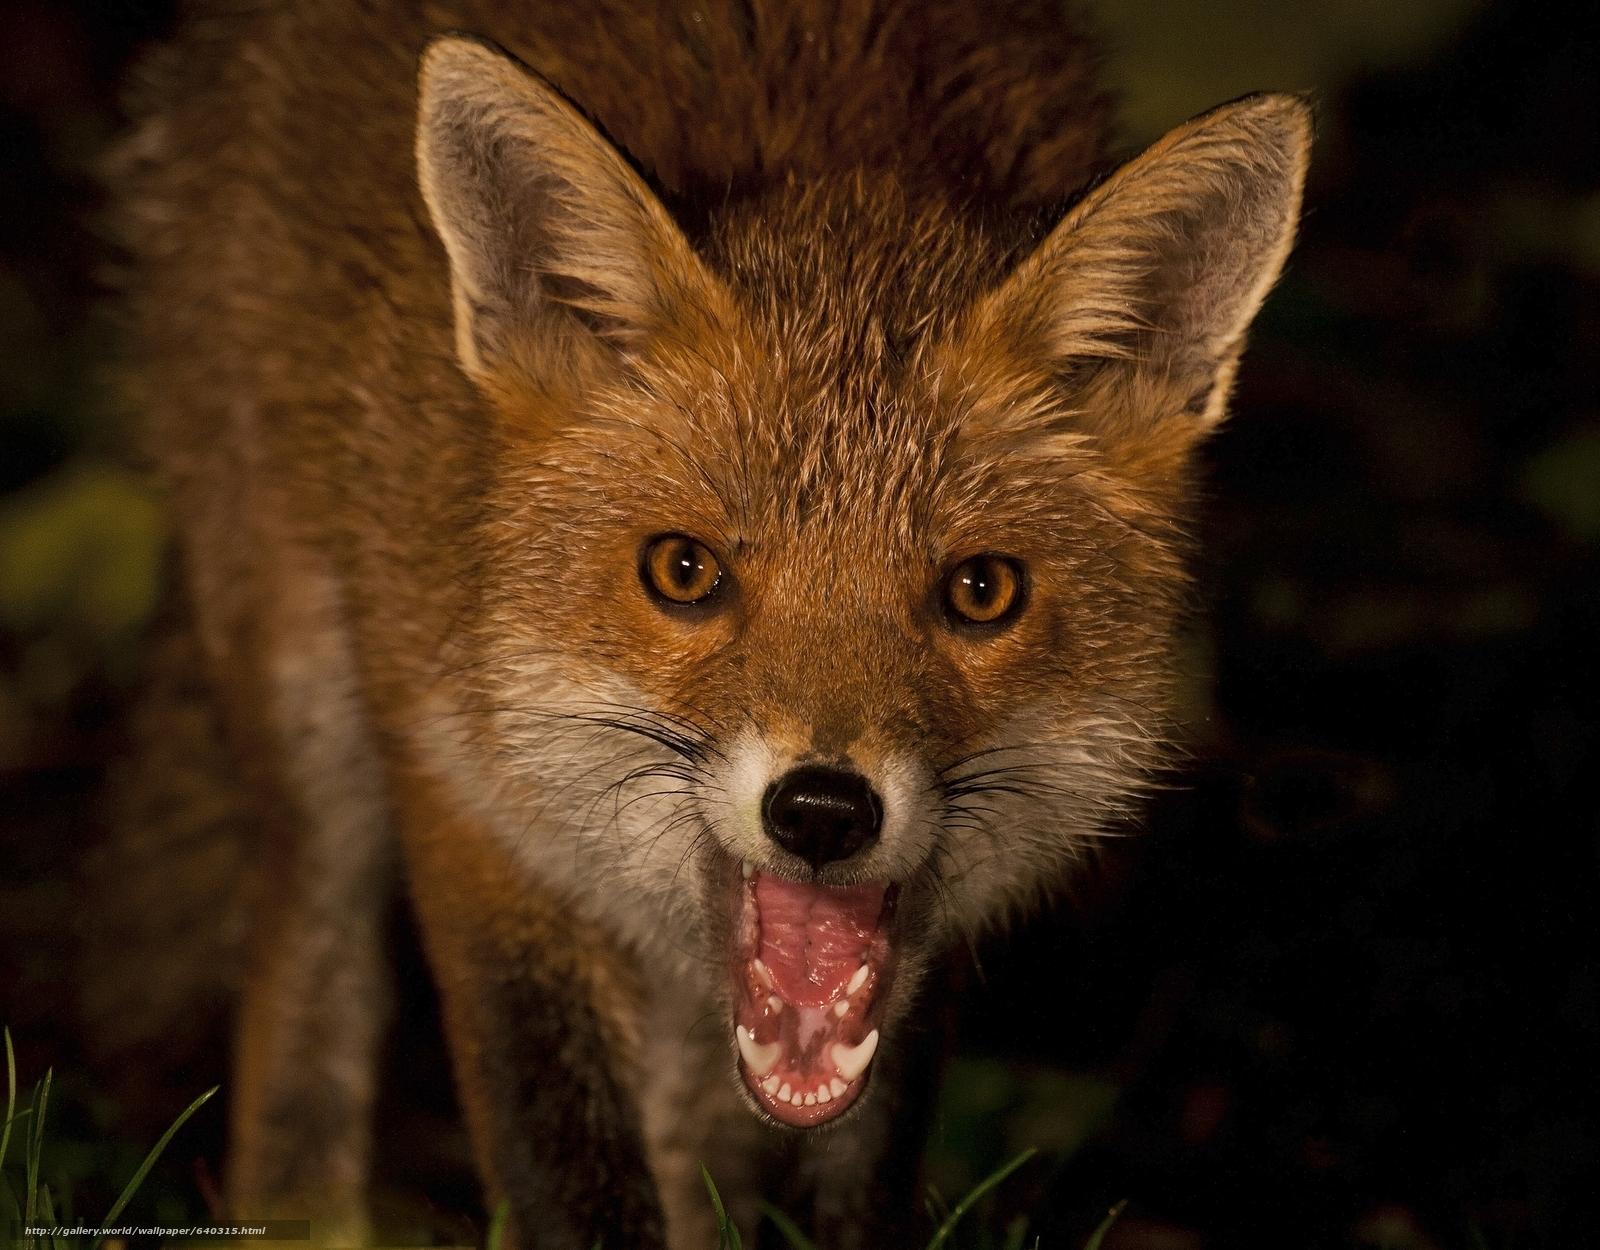 Скачать обои лиса,  лисица,  животное бесплатно для рабочего стола в разрешении 2048x1600 — картинка №640315